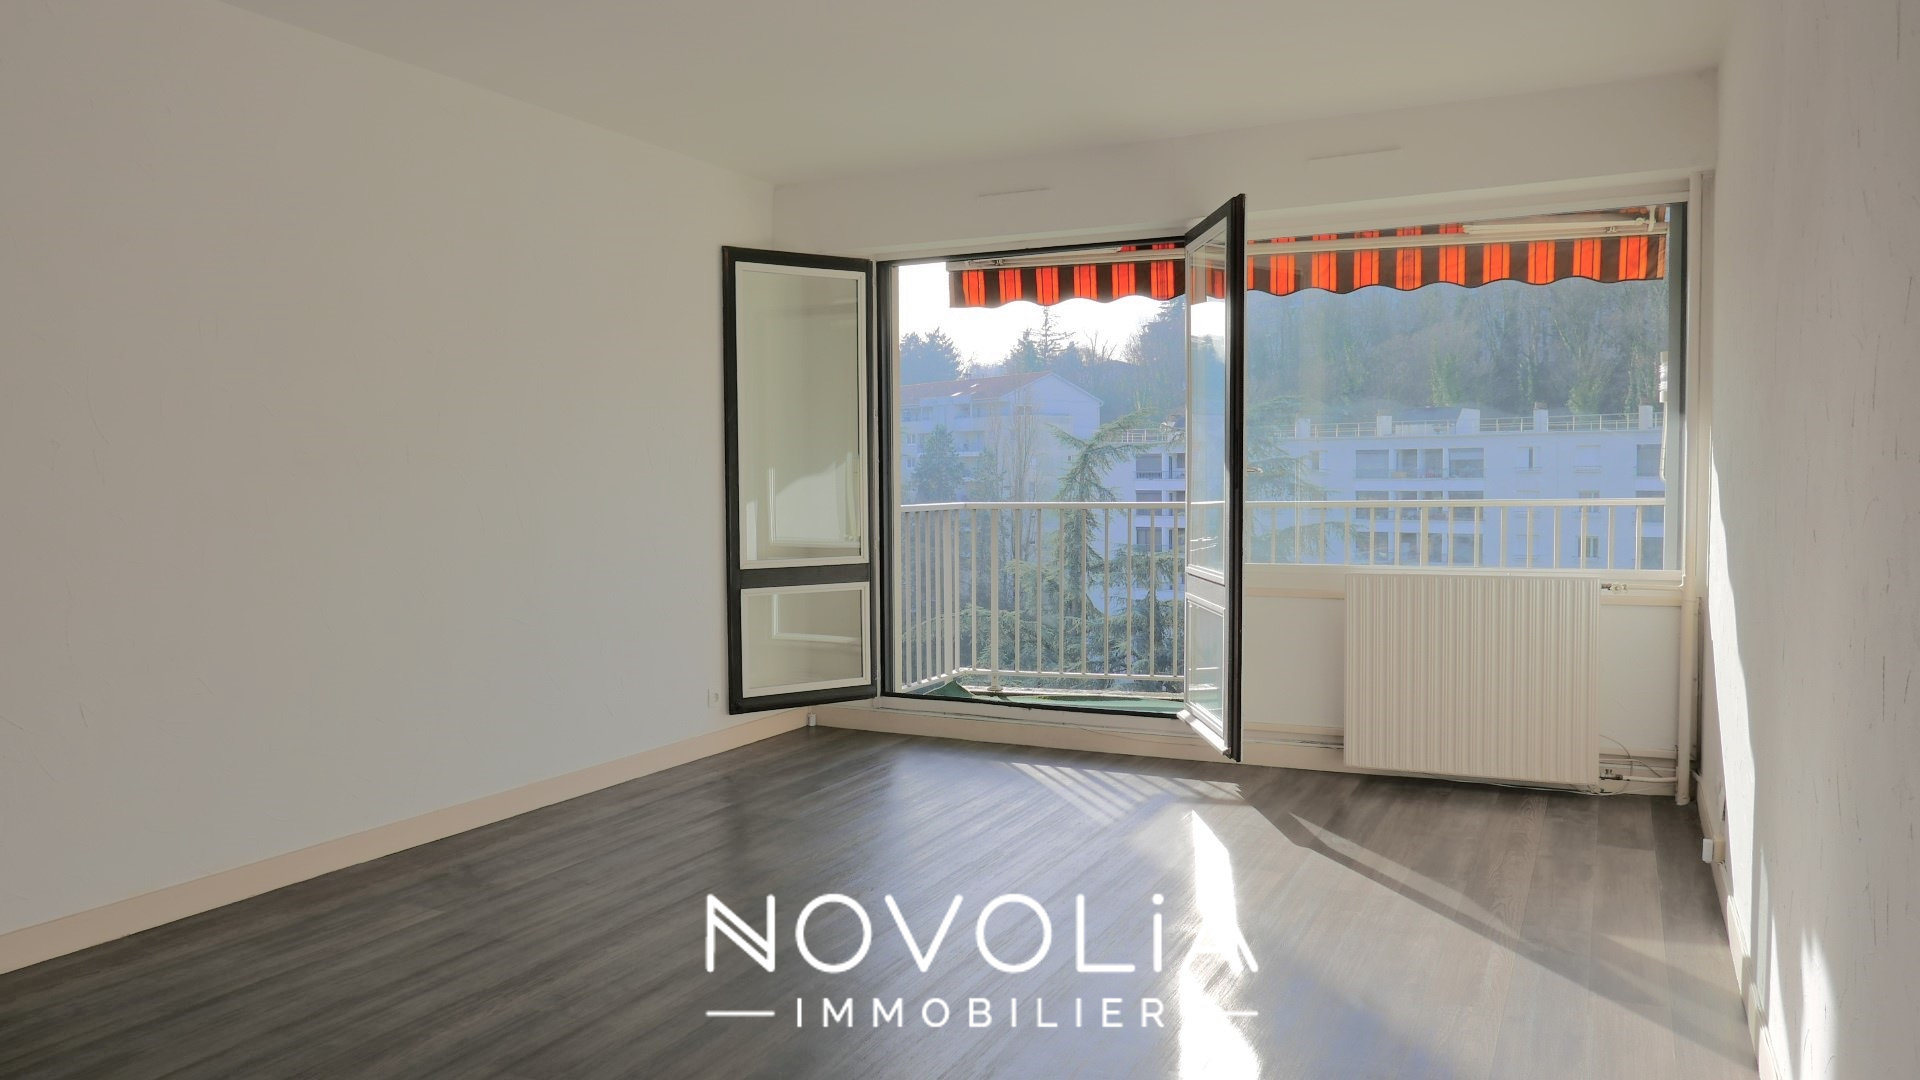 Achat Appartement Surface de 58.4 m²/ Total carrez : 53 m², 2 pièces, Lyon 9ème (69009)